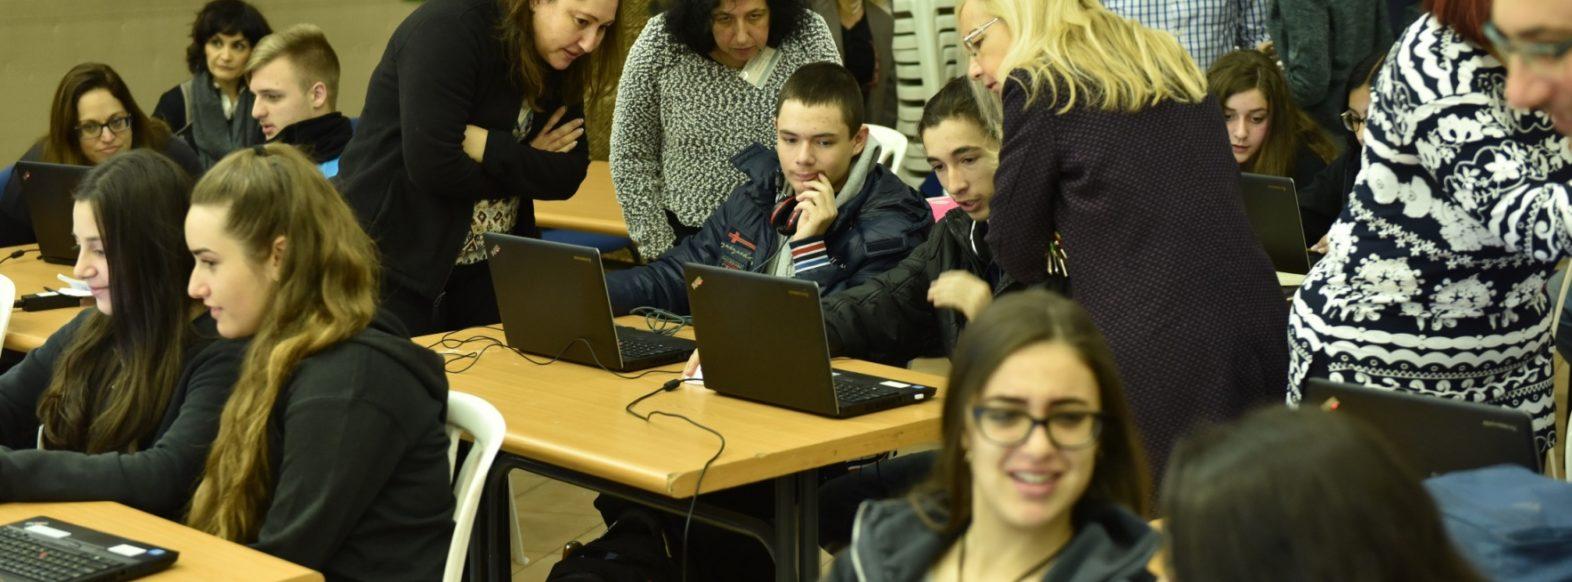 עיריית קרית אתא תעניק 40 מחשבים ניידים לתלמידים ממשפחות מעוטות יכולת